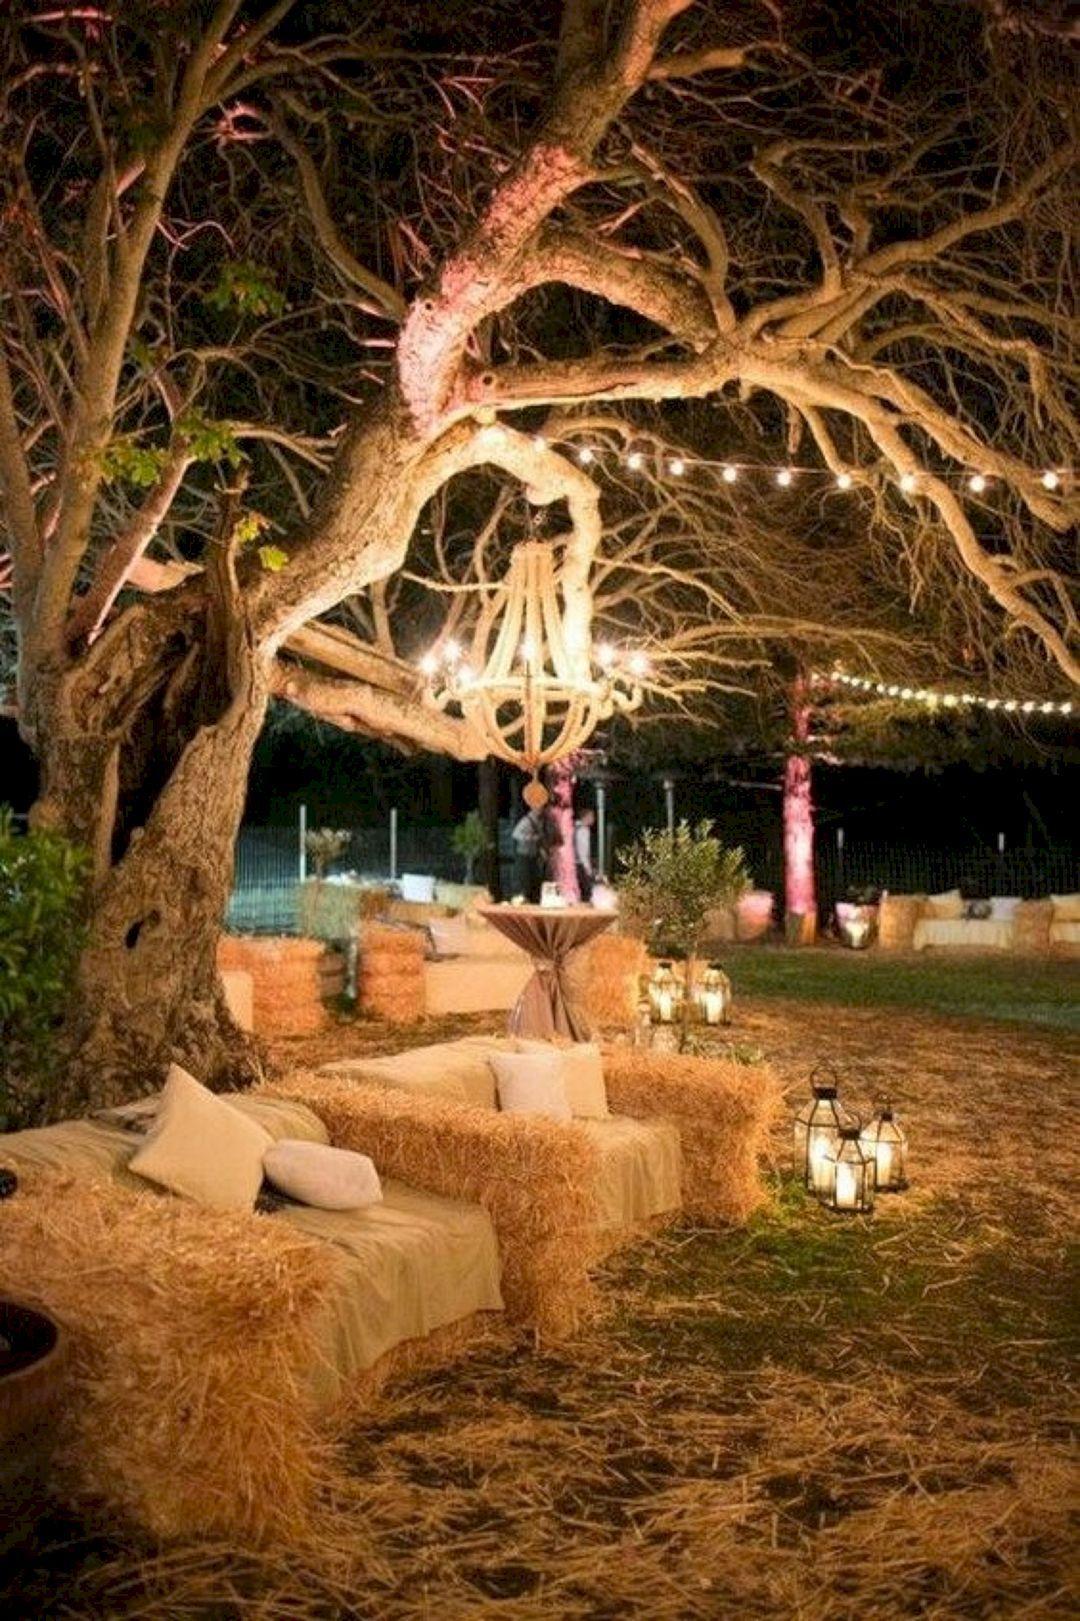 Country Backyard Wedding Ideas 12 photos of the rustic backyard wedding reception ideas Great Top 52 Rustic Backyard Wedding Party Decor Ideas Httpsoosilecom